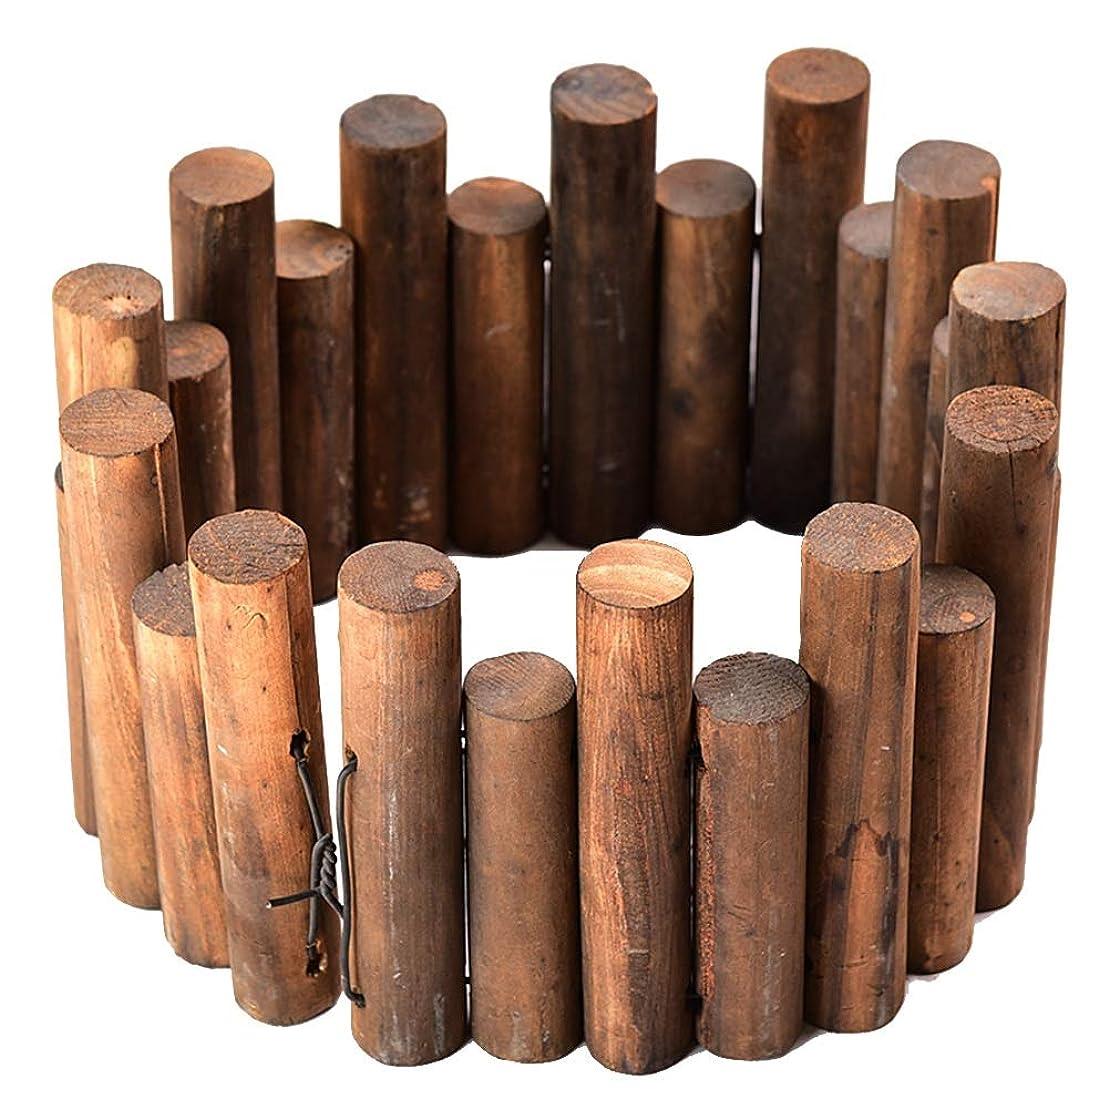 ZHANWEI デコラティブ 庭のフェンス 炭化 木製 ガーデンエッジ 垣 柵 アウトドア パティオ ラウンドステーク 花壇 (Color : 1pc, Size : 98x3.5x20cm)